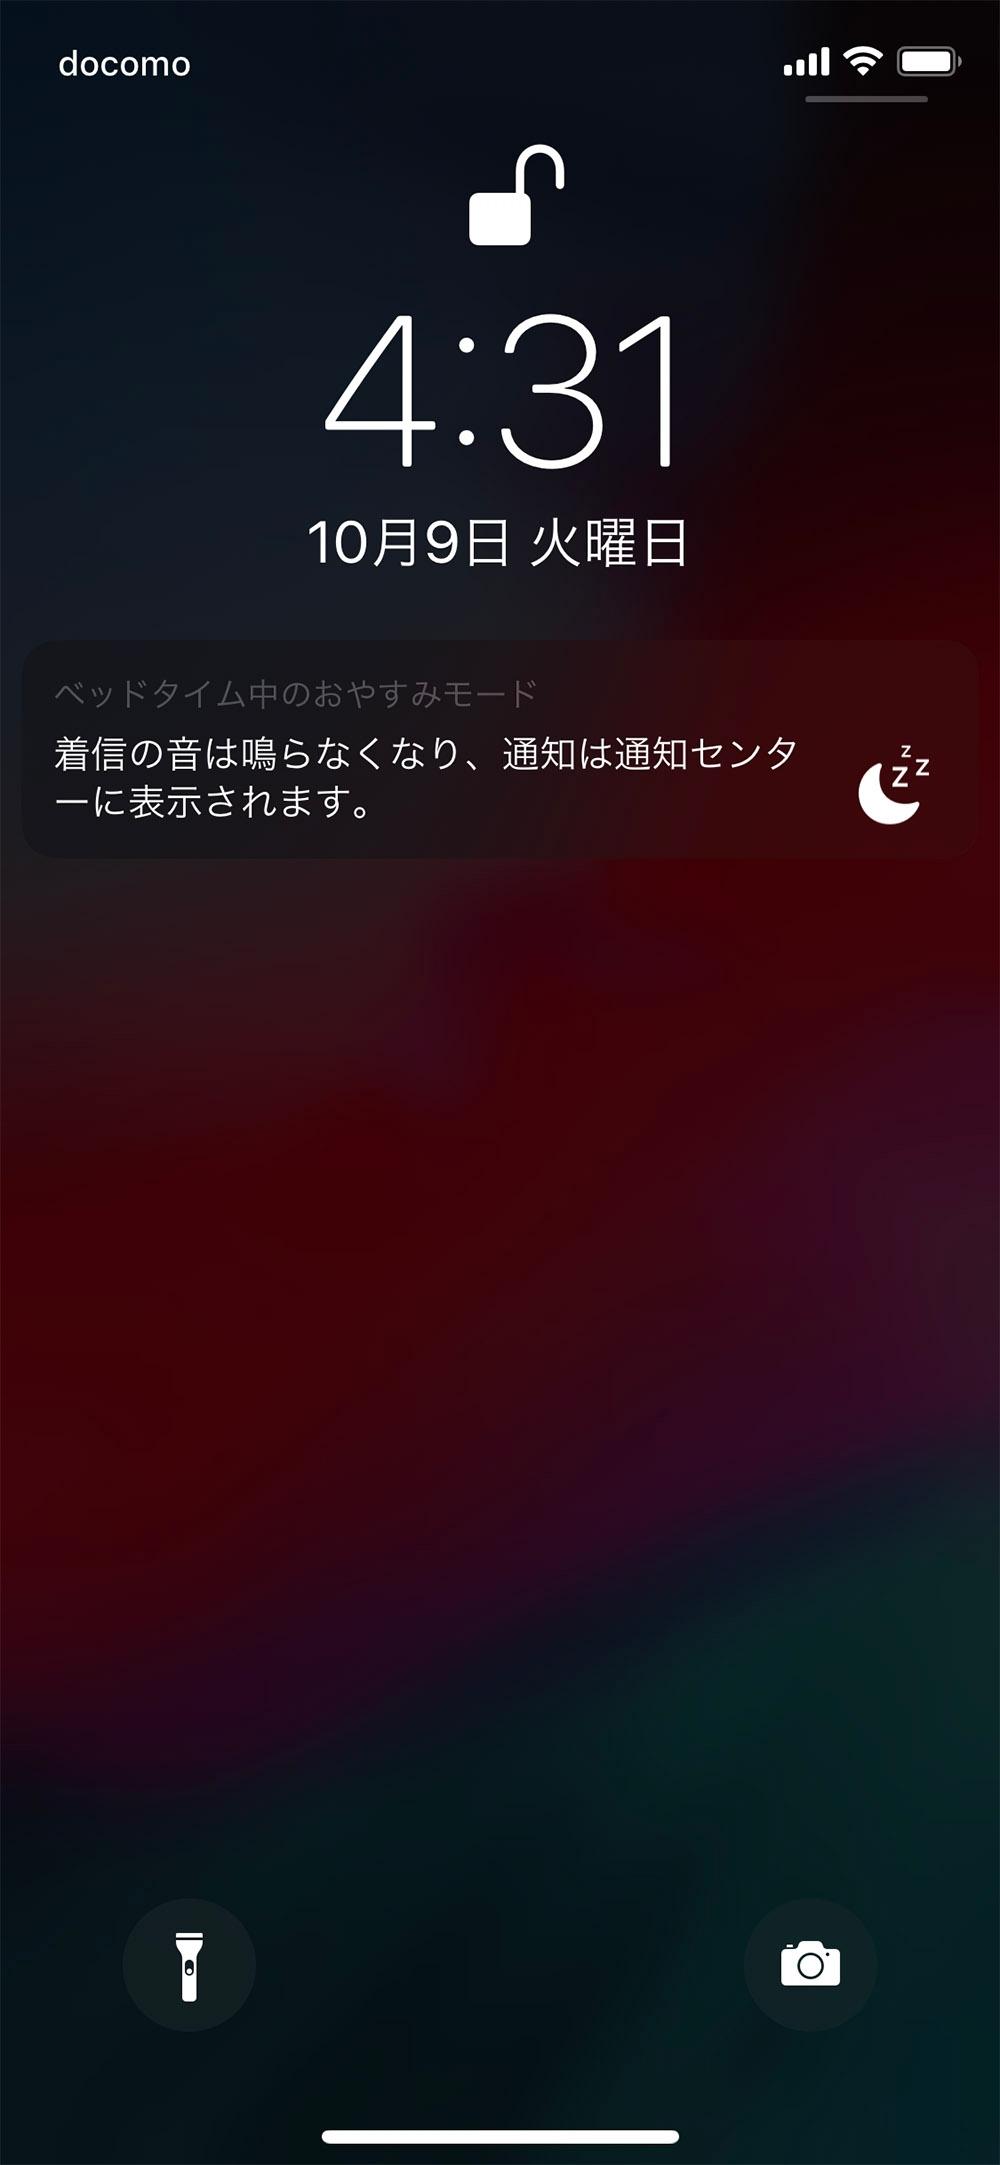 「ベッドタイム中のおやすみモード」の画面。ロック画面に通知が表示されず、通常のおやすみモードよりも暗い画面になる